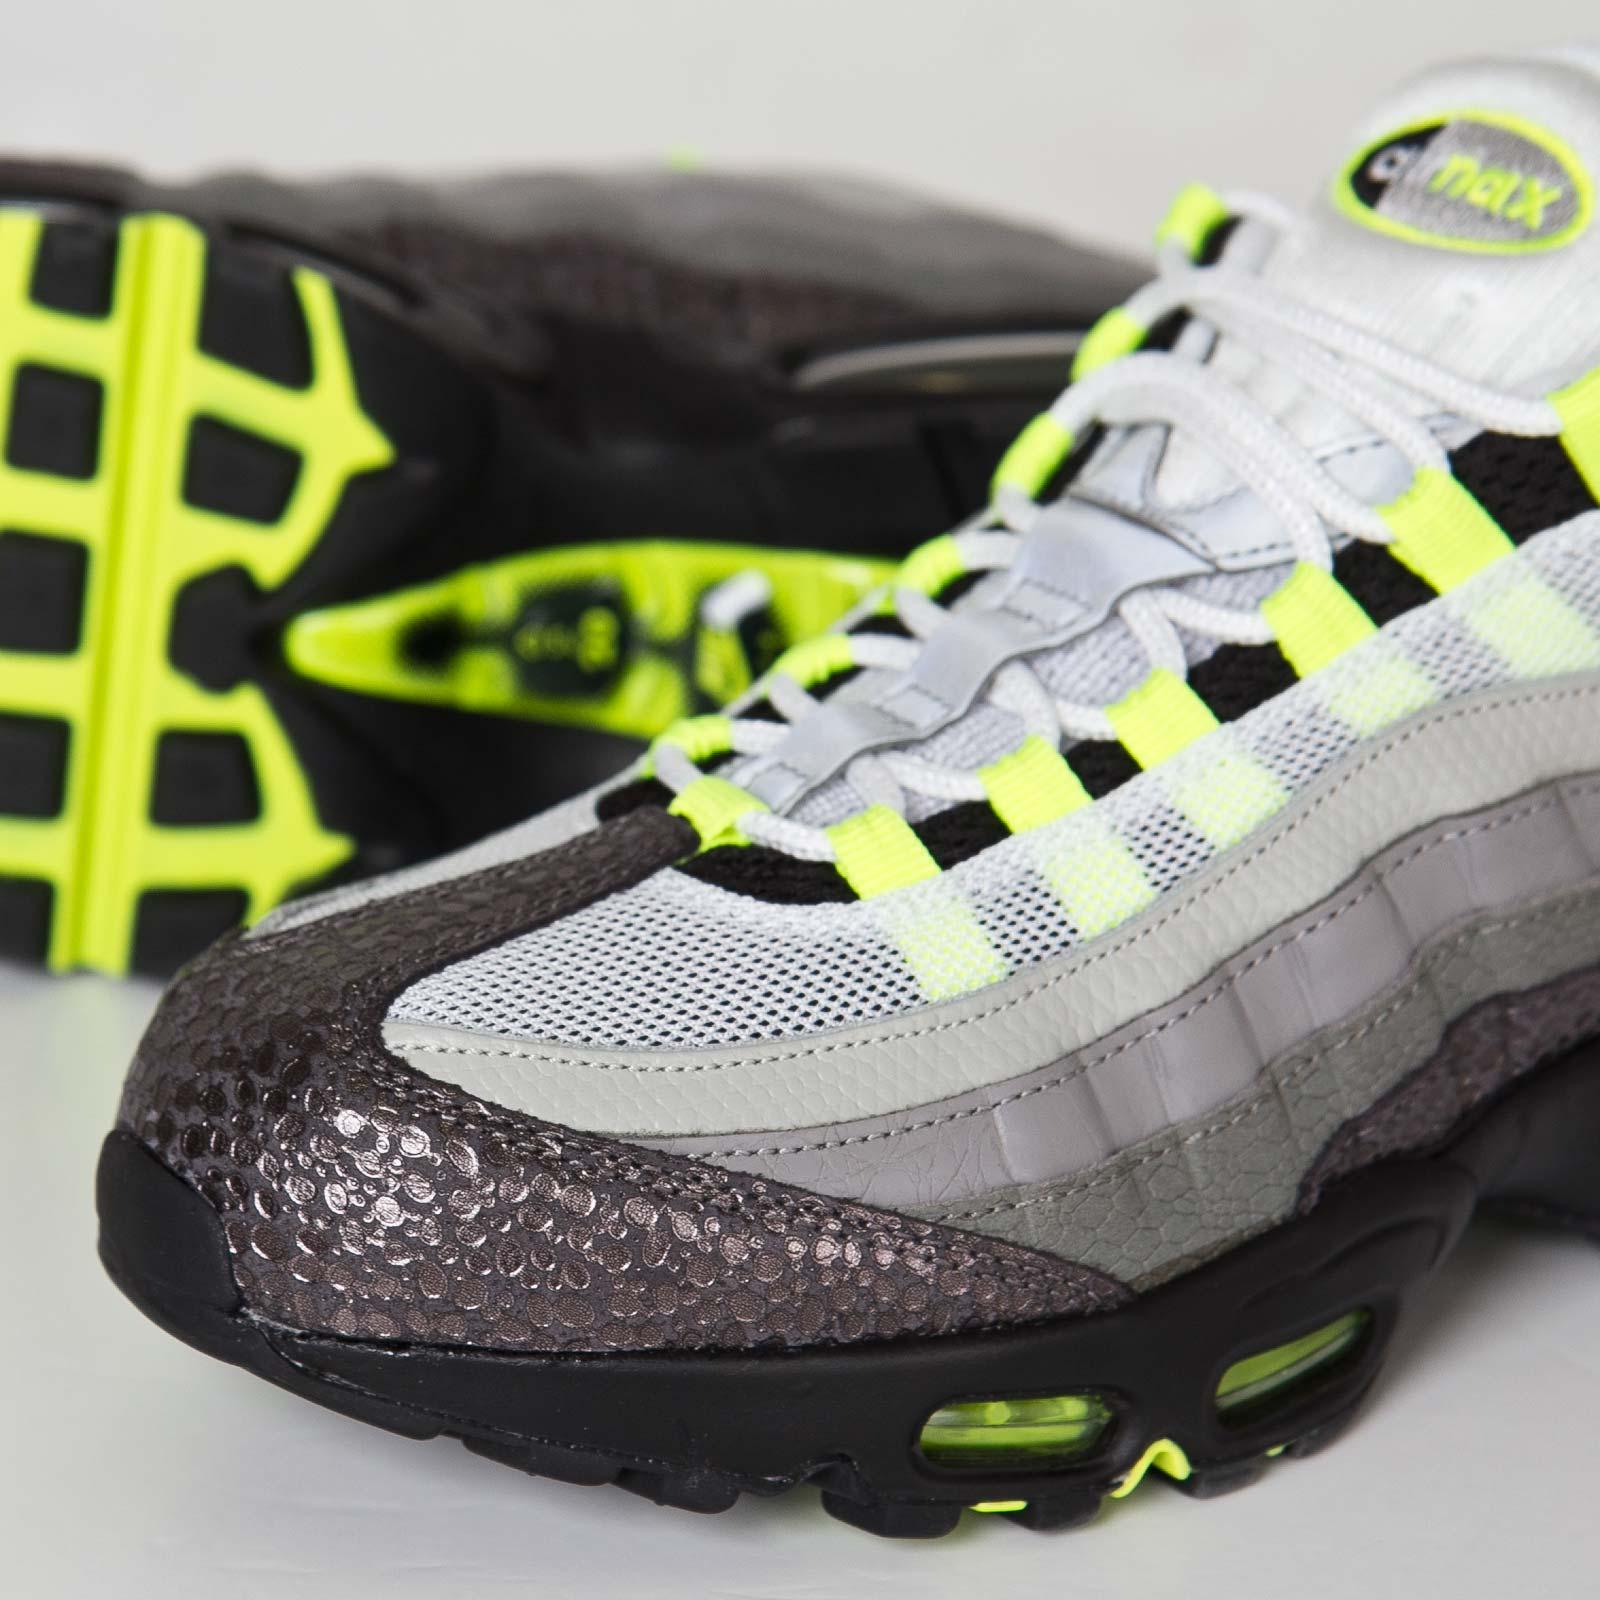 Nike Air Max 95 OG Premium - 759986-071 - Sneakersnstuff ...